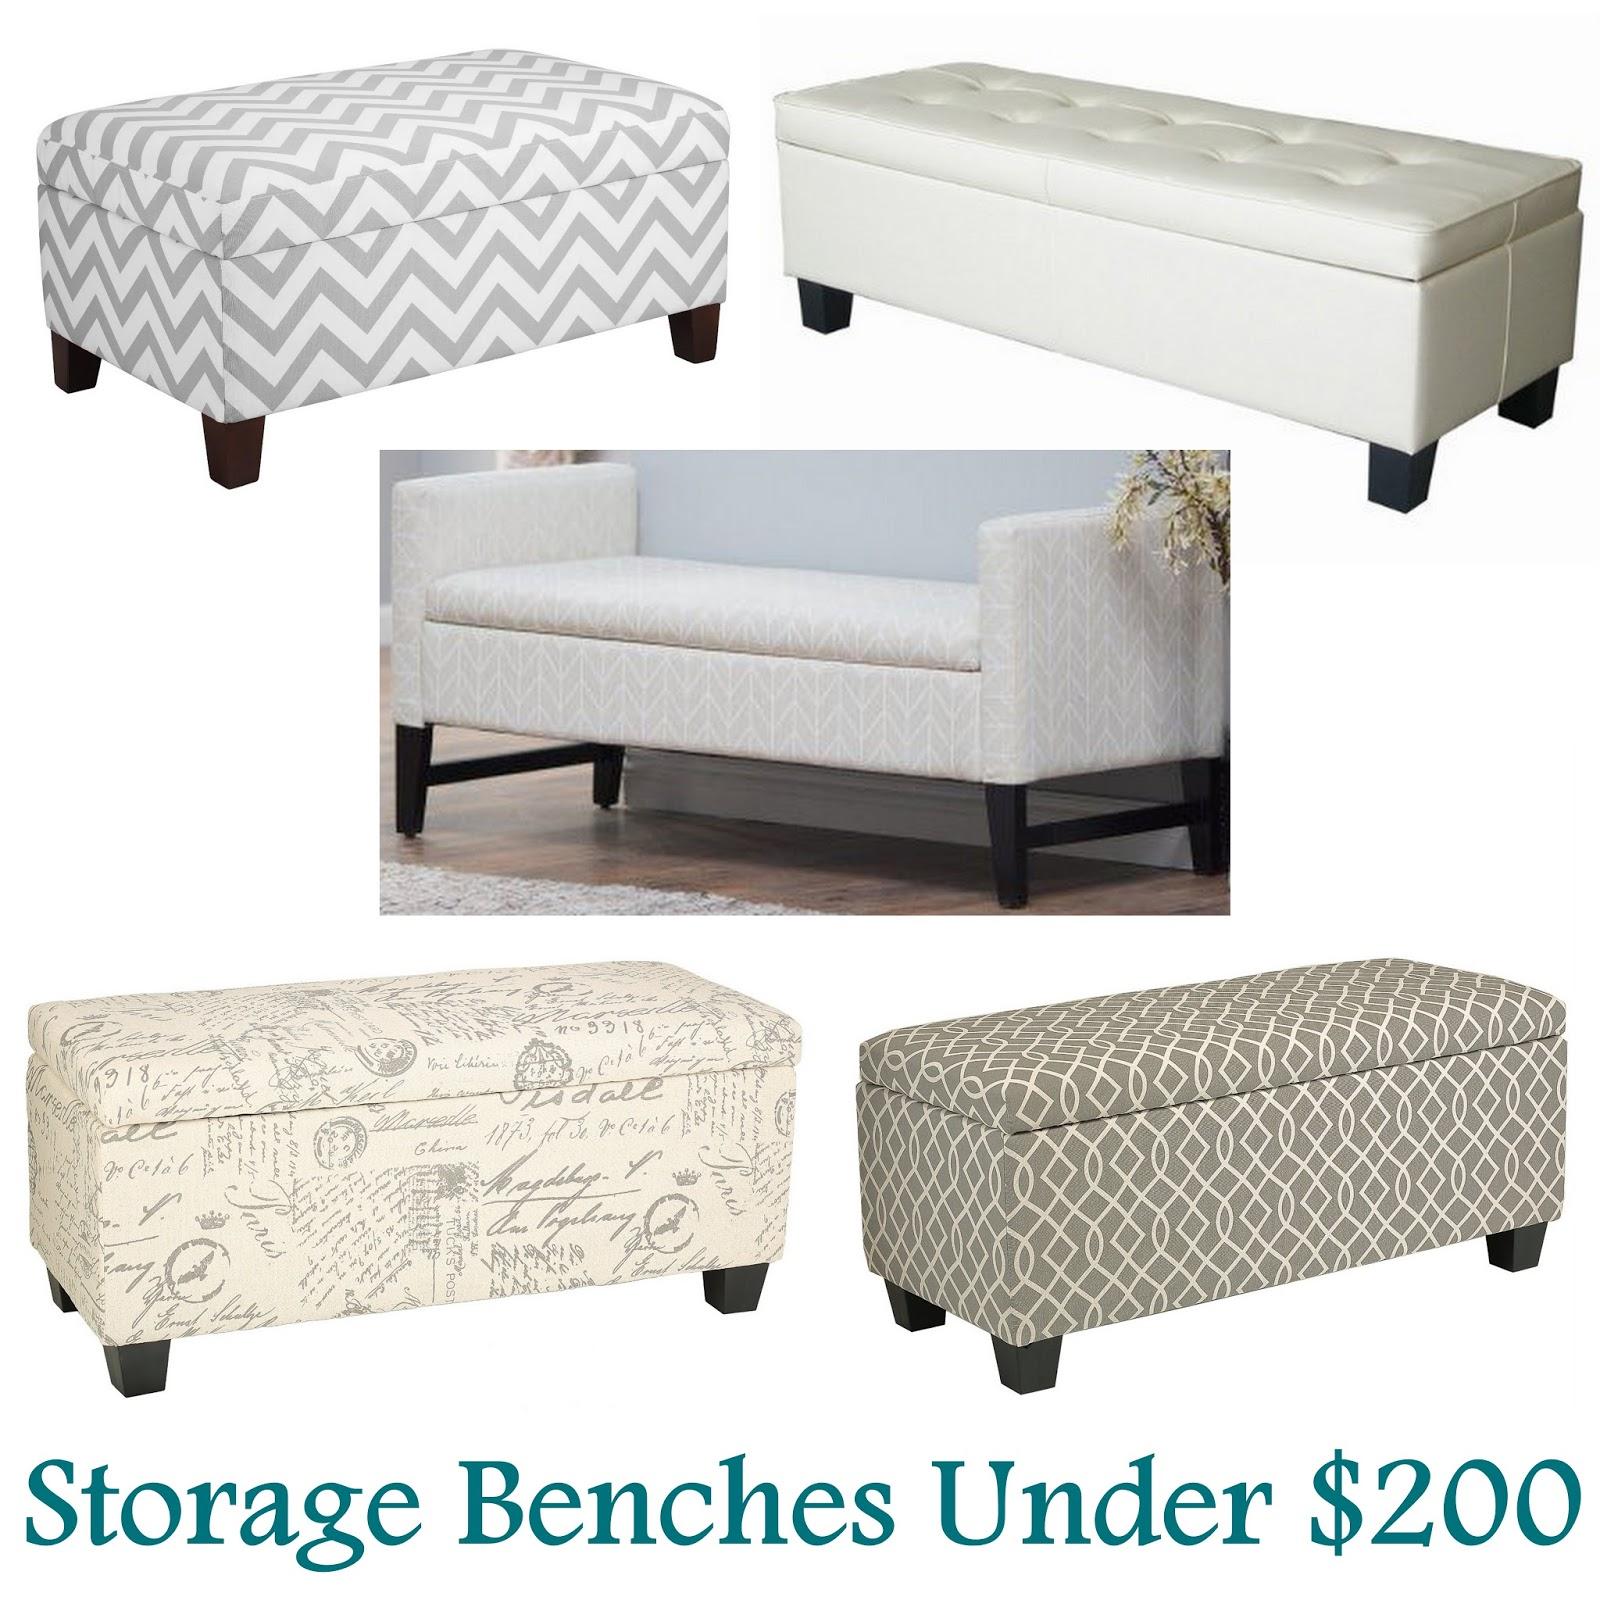 Storage, Storage Bench, Chevron Storage Bench, Decorative Bench Bench,  Campaign Night Stand